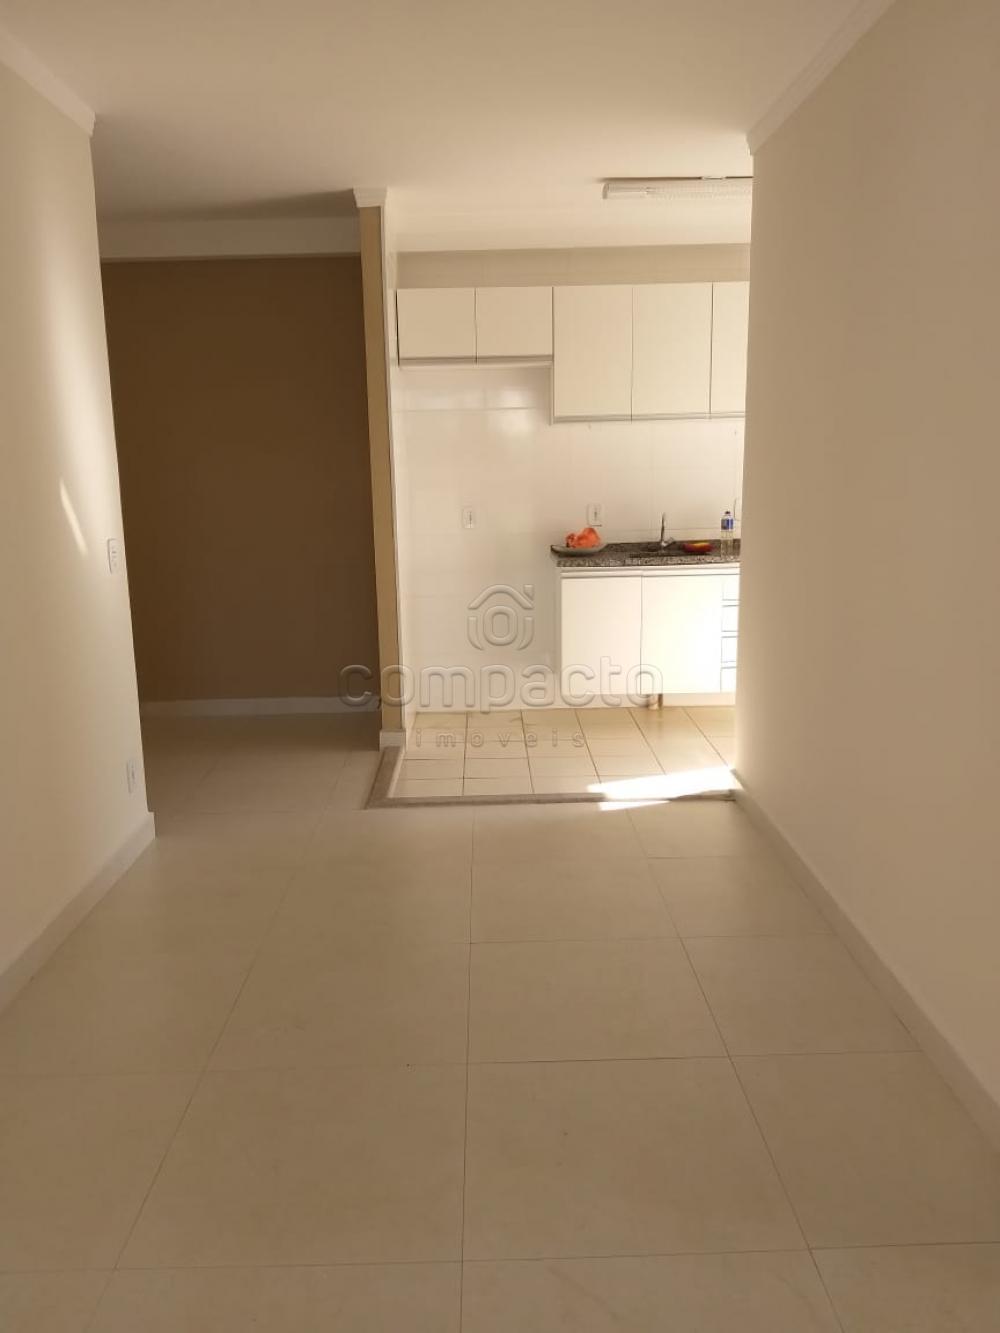 Comprar Apartamento / Padrão em São José do Rio Preto apenas R$ 250.000,00 - Foto 5